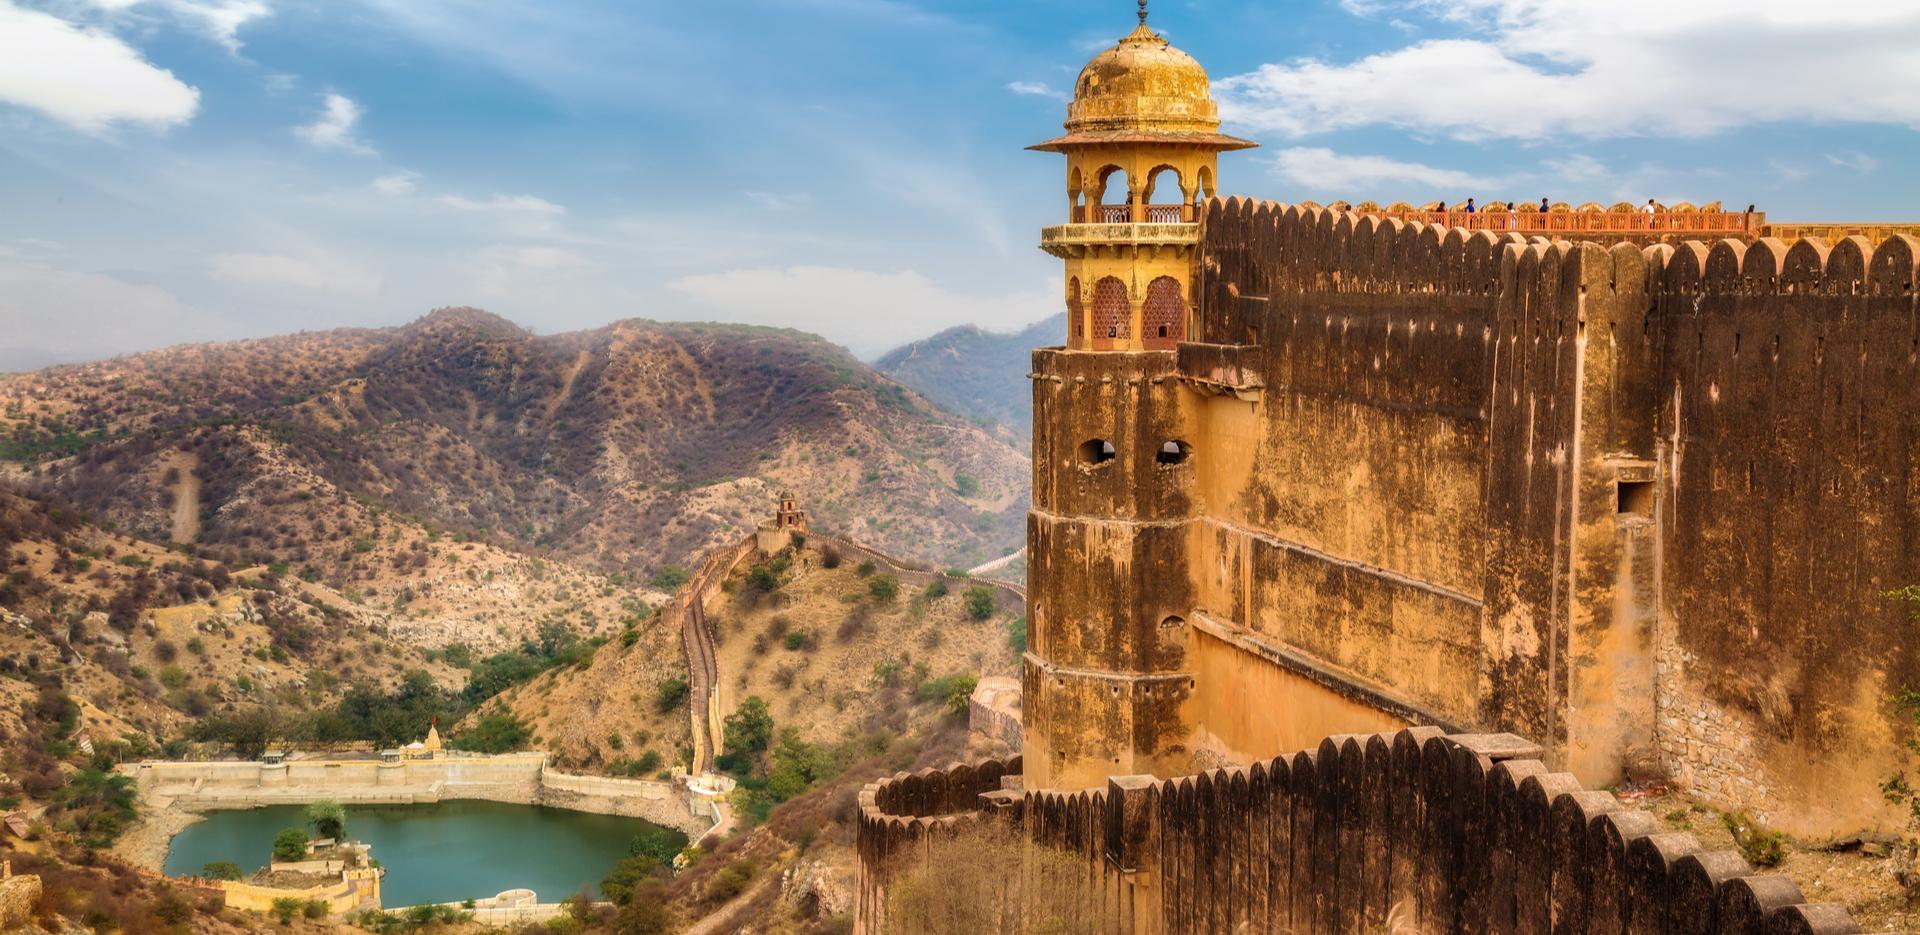 Jaipur Fort, Rajasthan